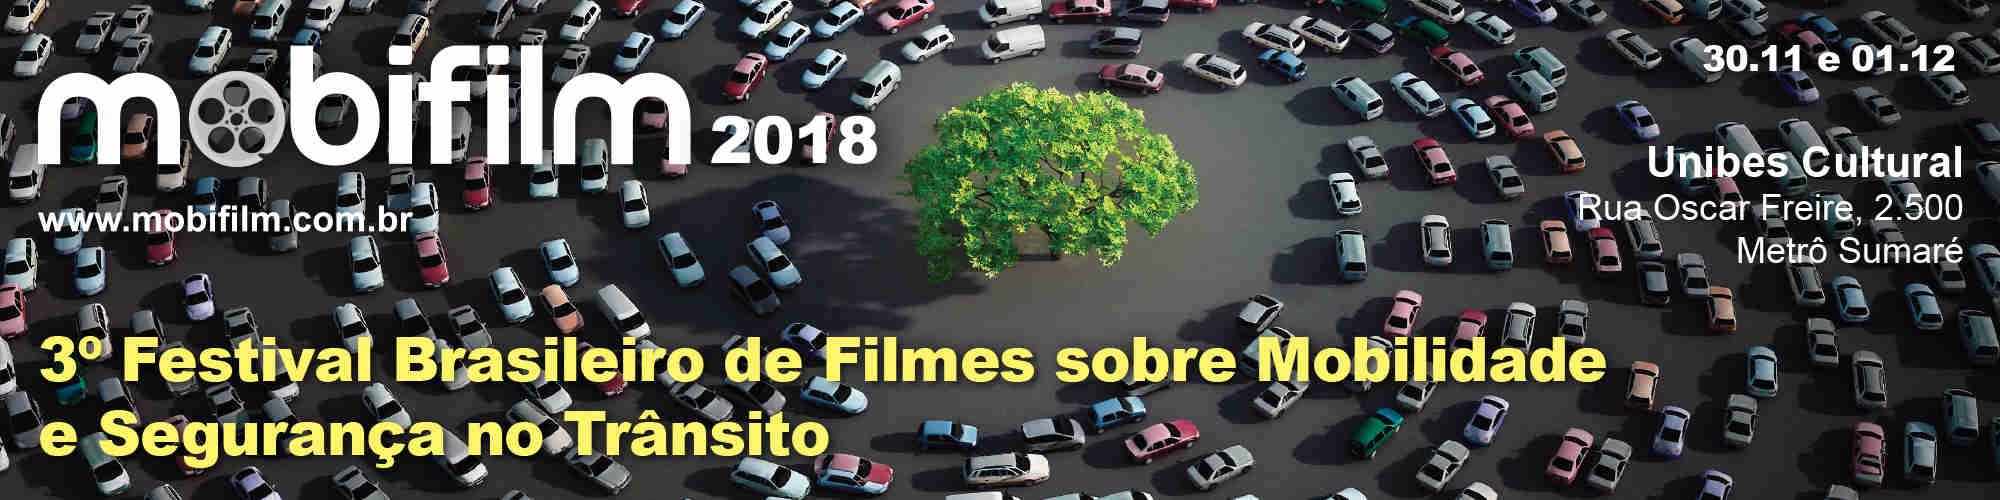 3ª edição do festival MOBIFILM oferece seminário sobre trânsito mais seguro